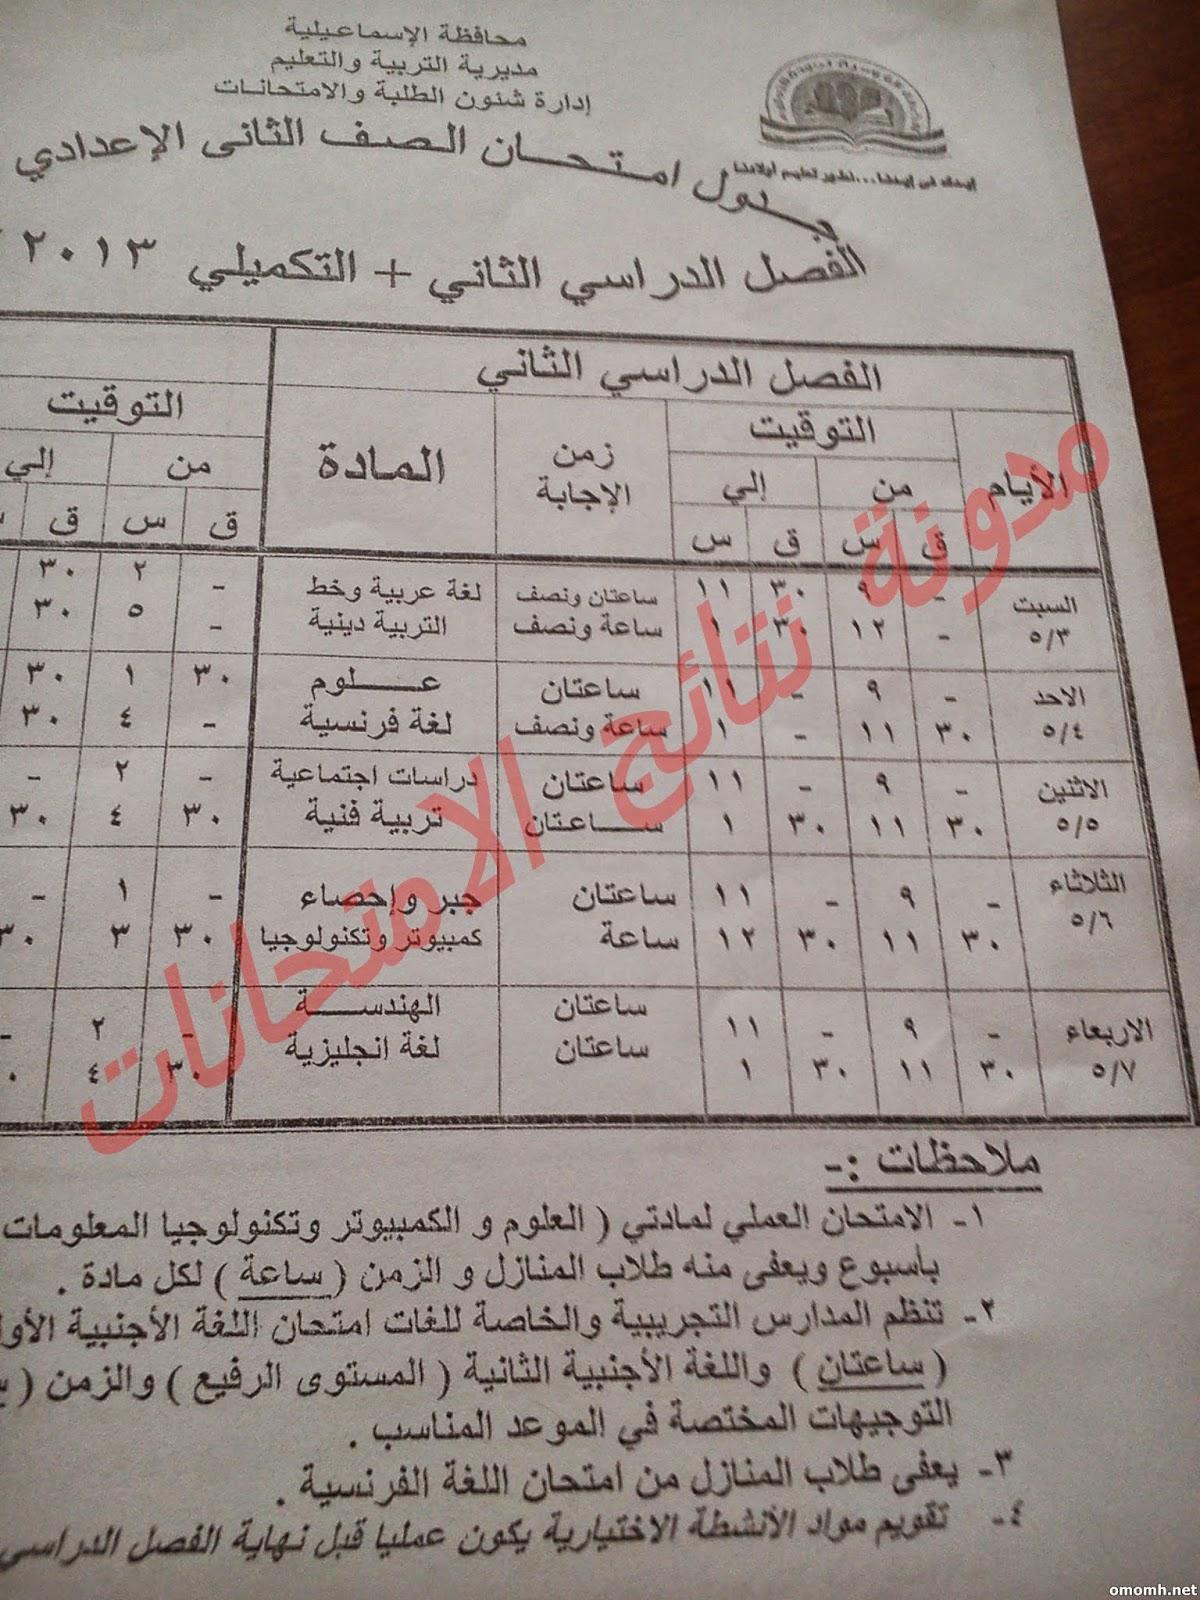 جدول ومواعيد امتحانات  الشهاده الاعداديه بالاسماعيليه 2014 الترم الثانى